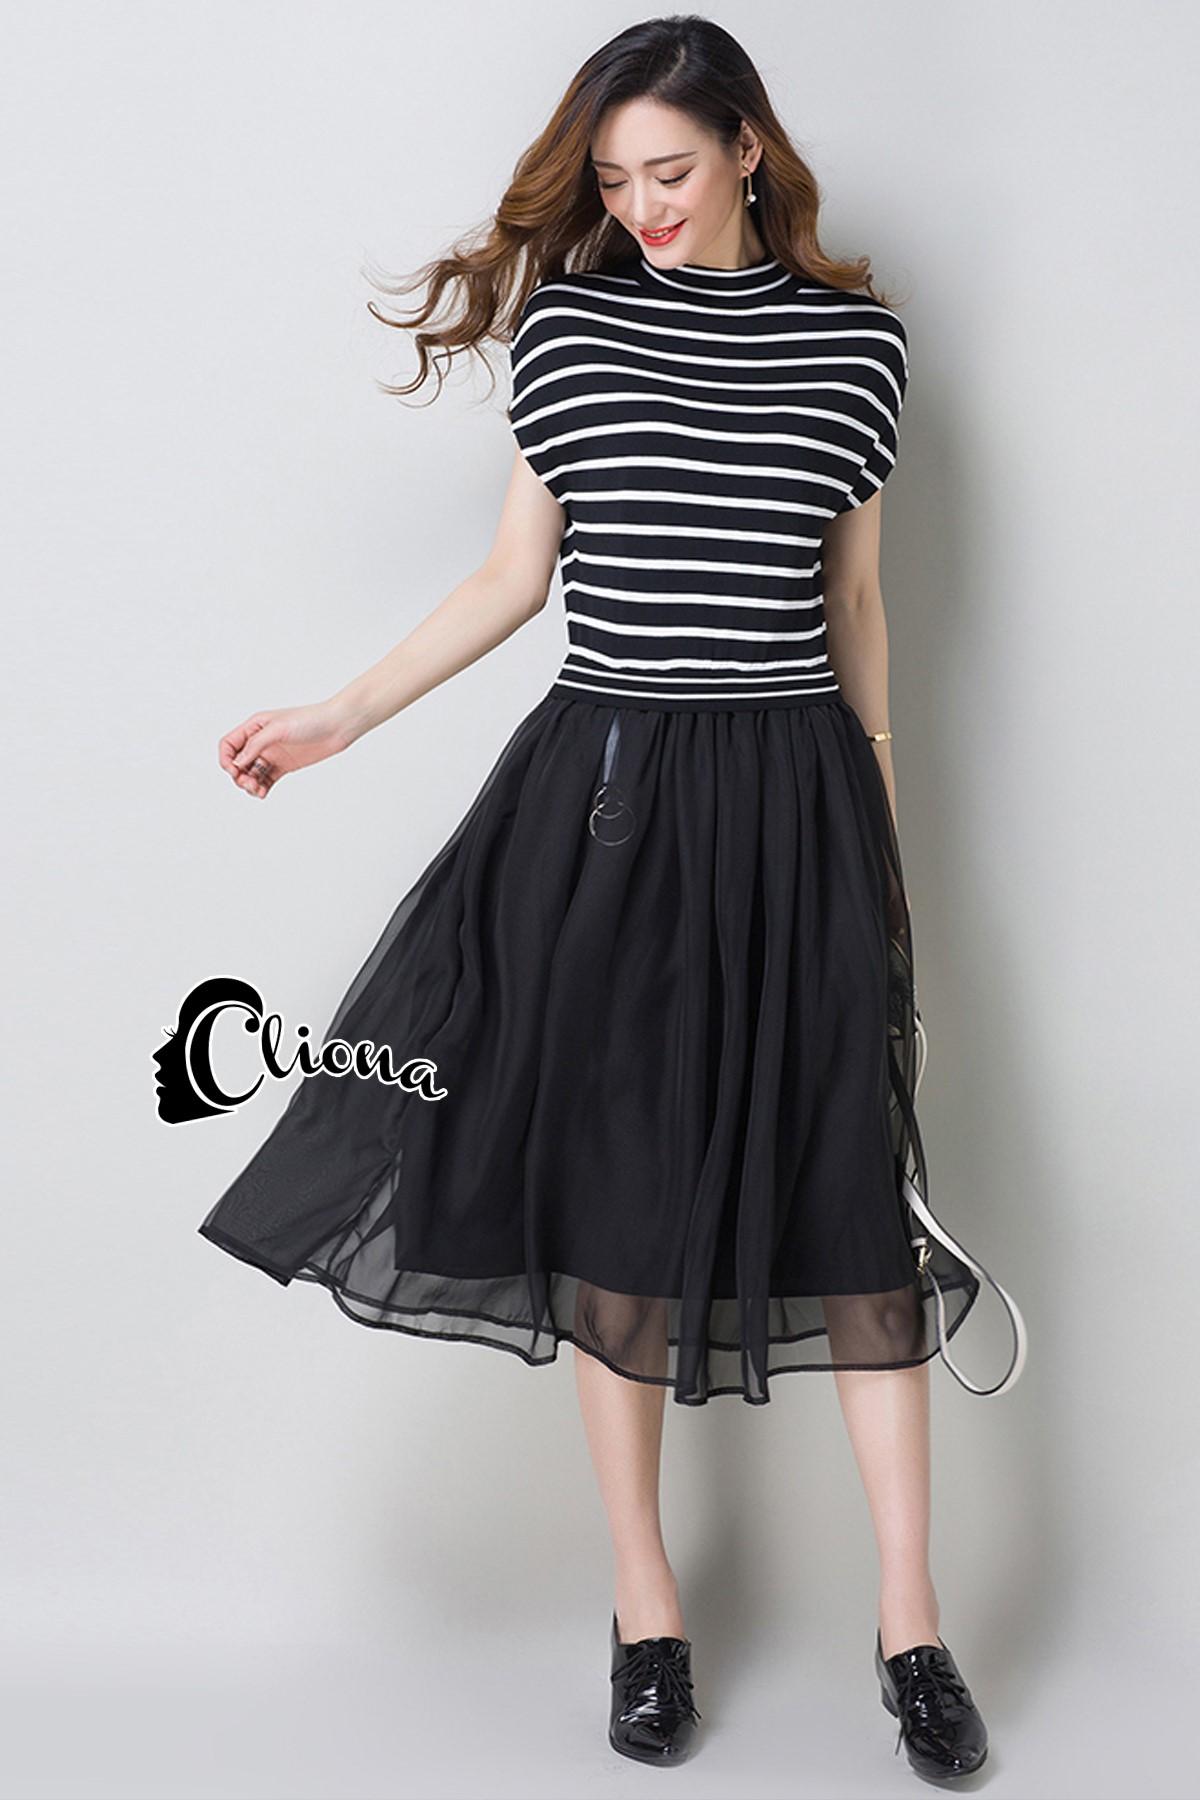 ชุดเดรสเกาหลี พร้อมส่งGivenchy Stylish Hot B&W Dress